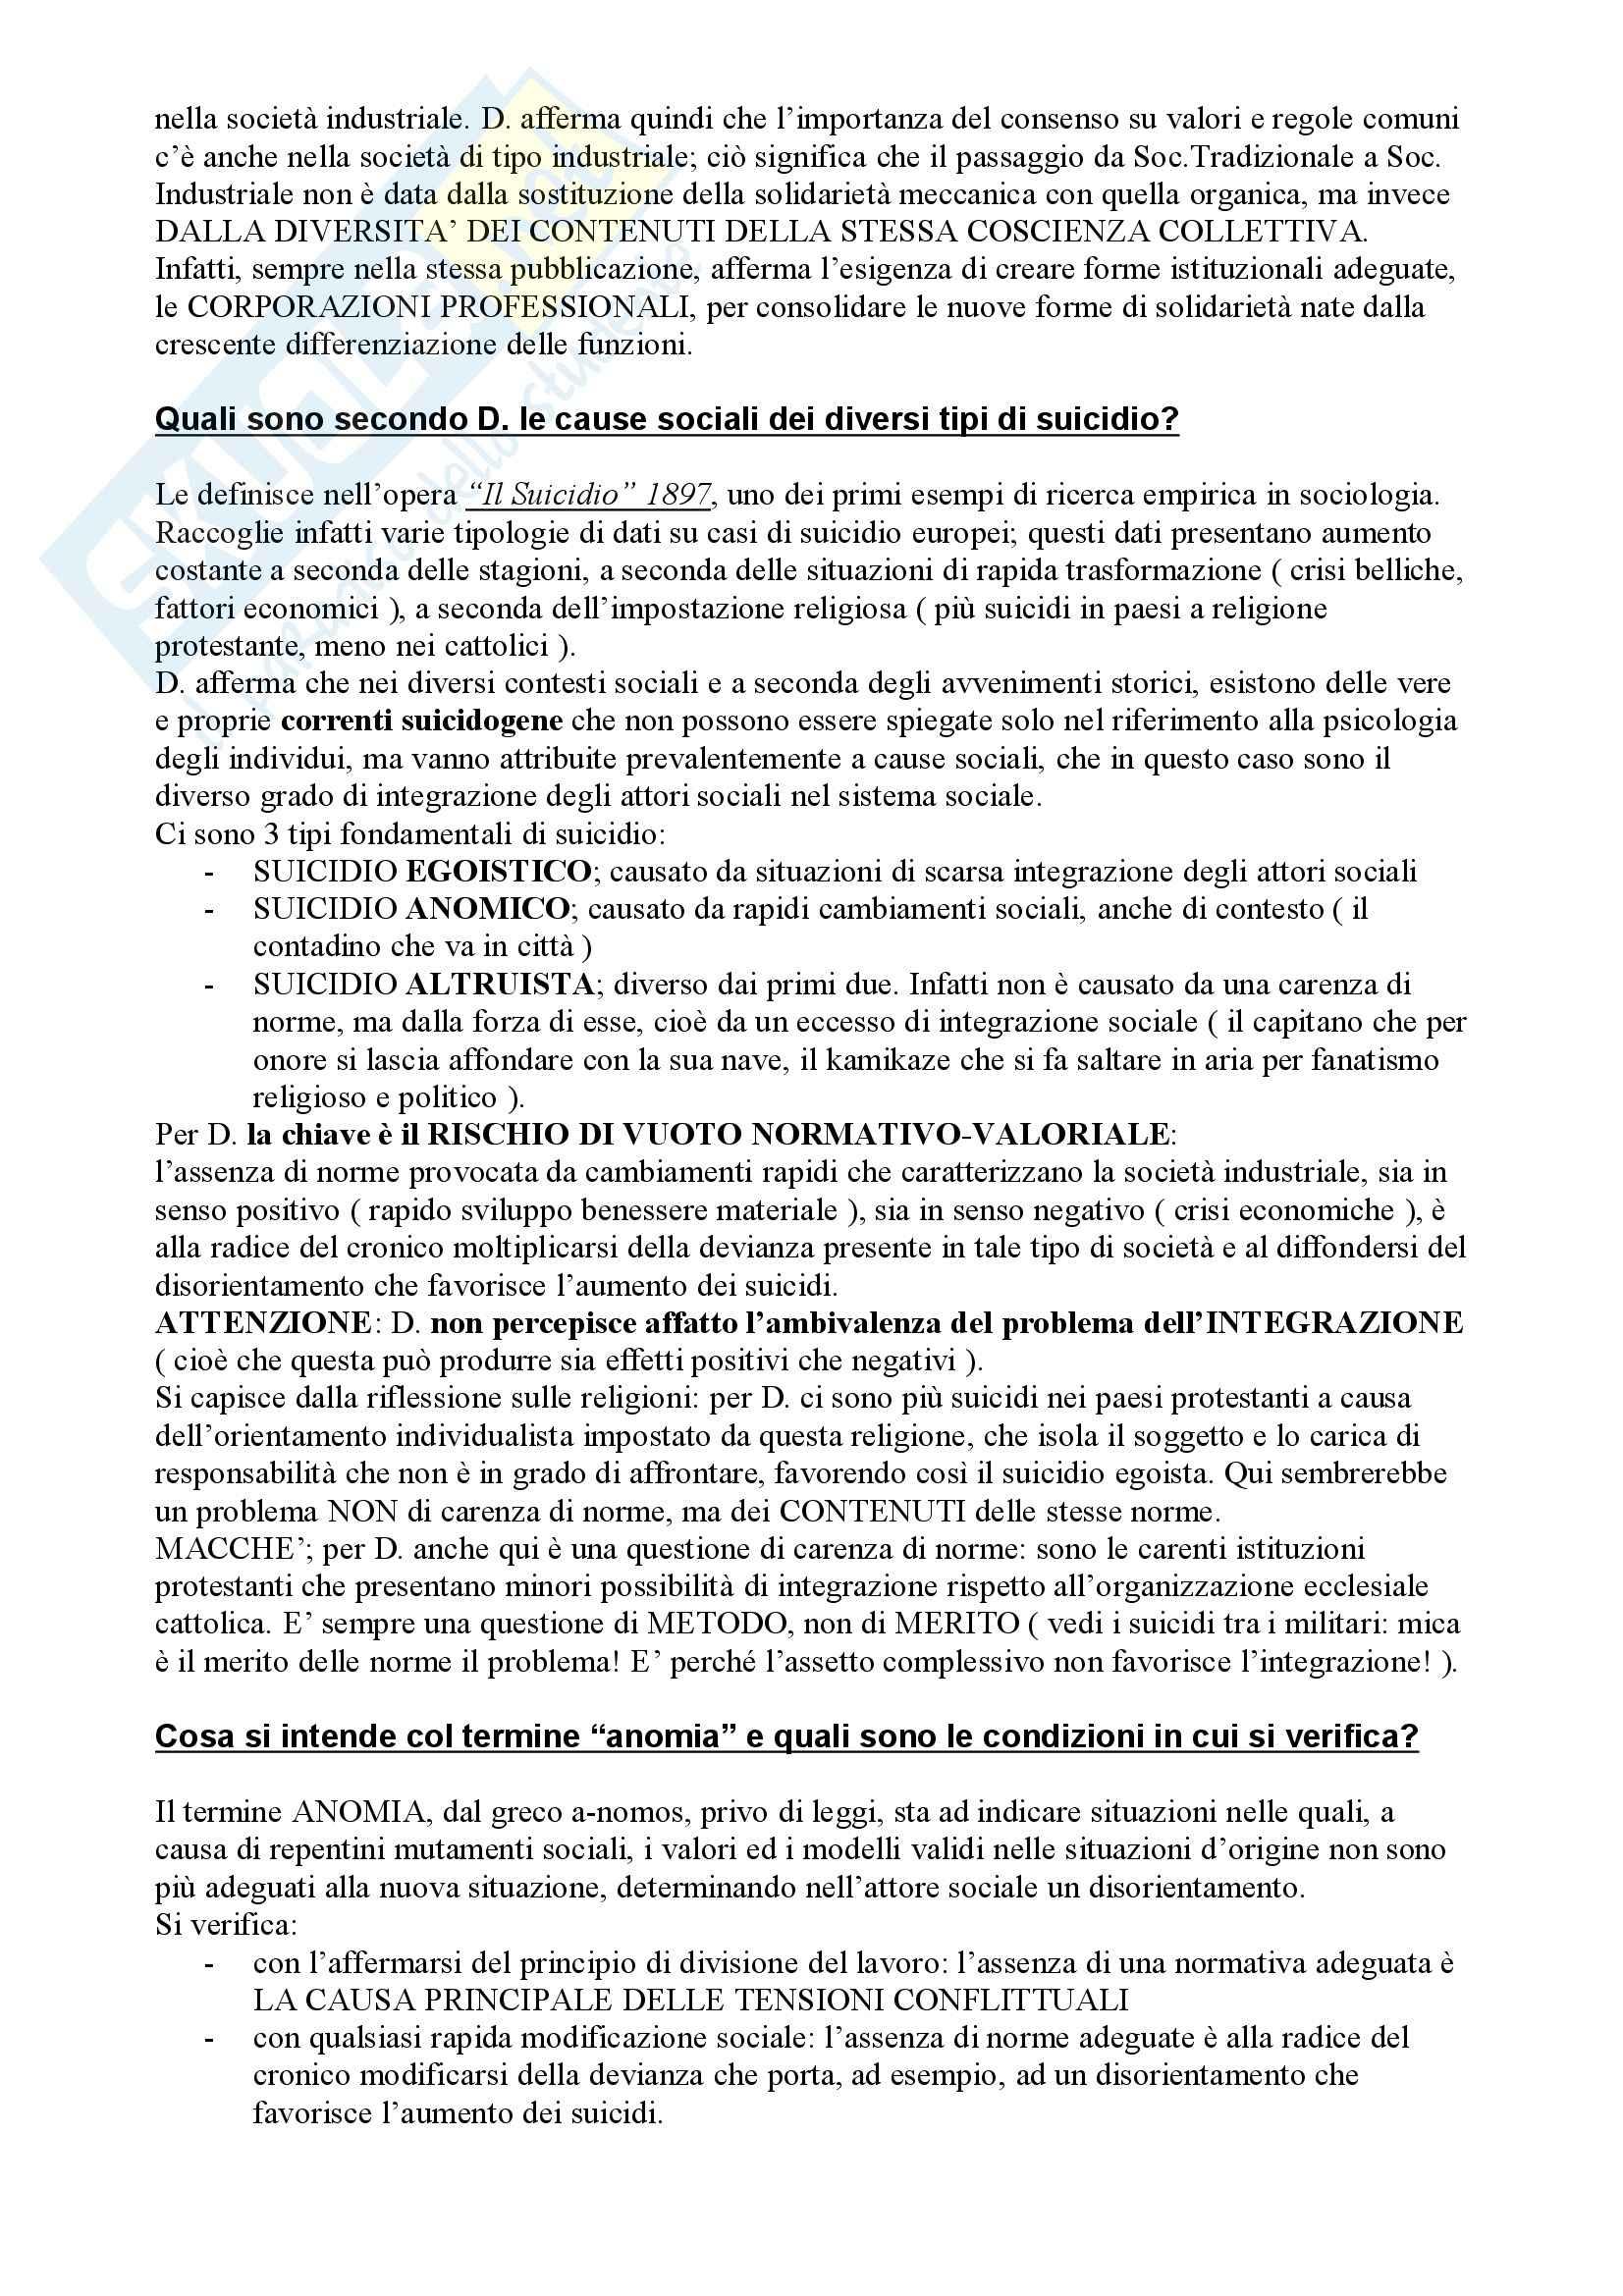 Il pensiero sociologico, Crespi - Risposte a domande finali Pag. 2